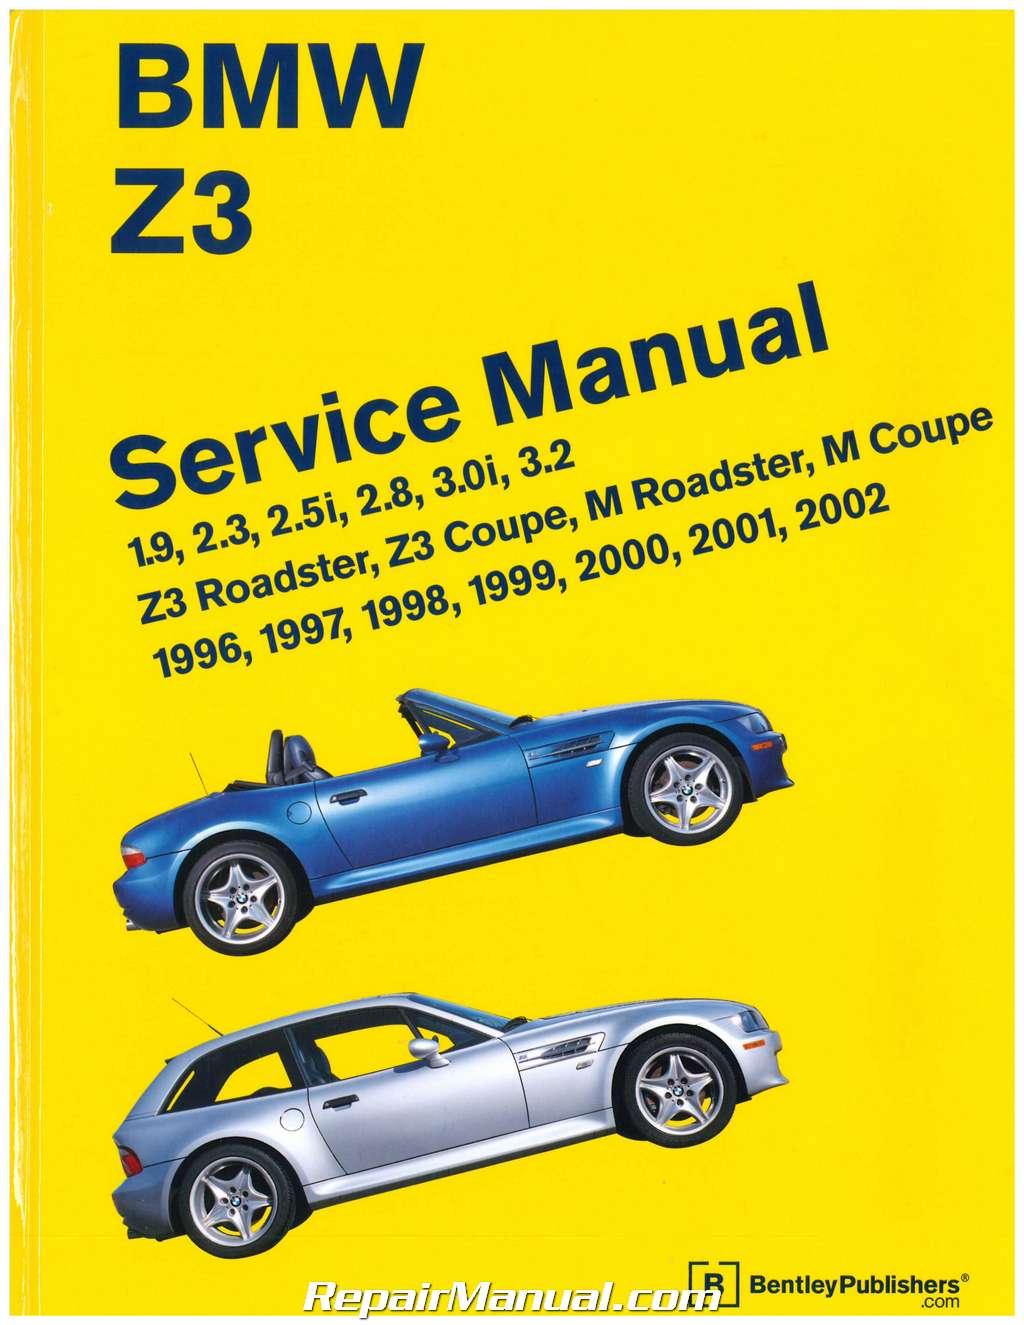 bmw z3 roadster printed service manual 1996 2002. Black Bedroom Furniture Sets. Home Design Ideas